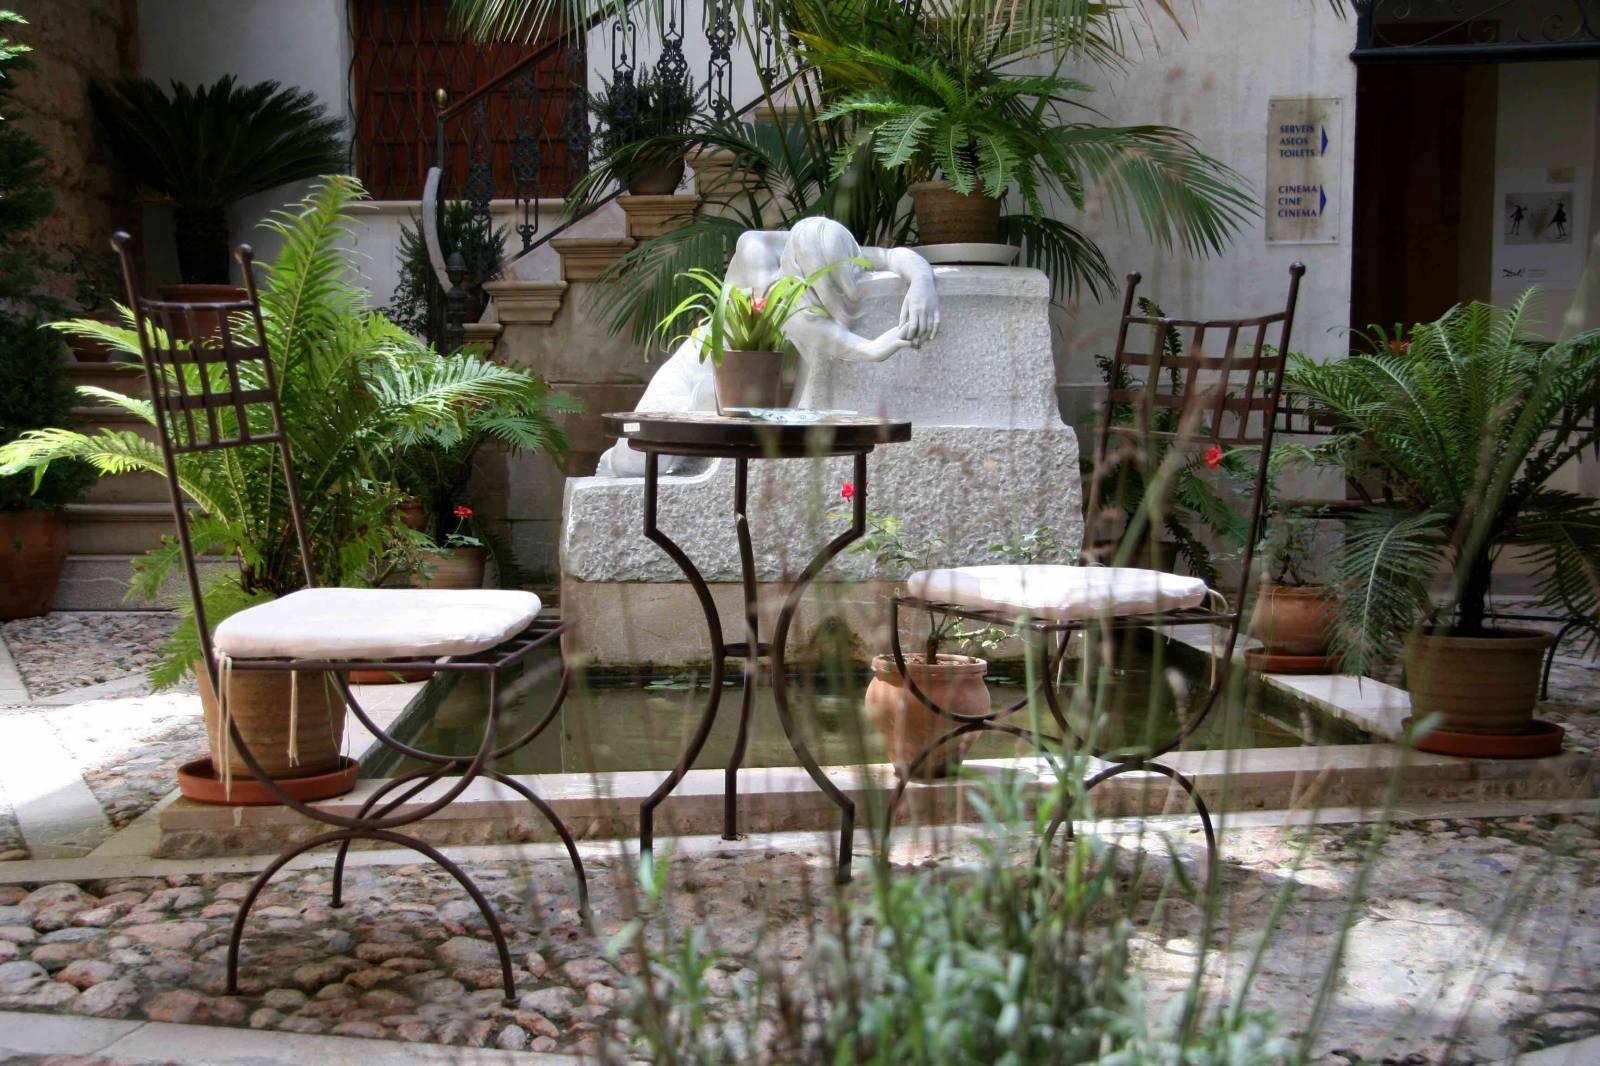 Conseil Et Prestation Pour Aménagement De Jardin Par Un Architecte  Paysagiste Sur La Ciotat Et Dans ...